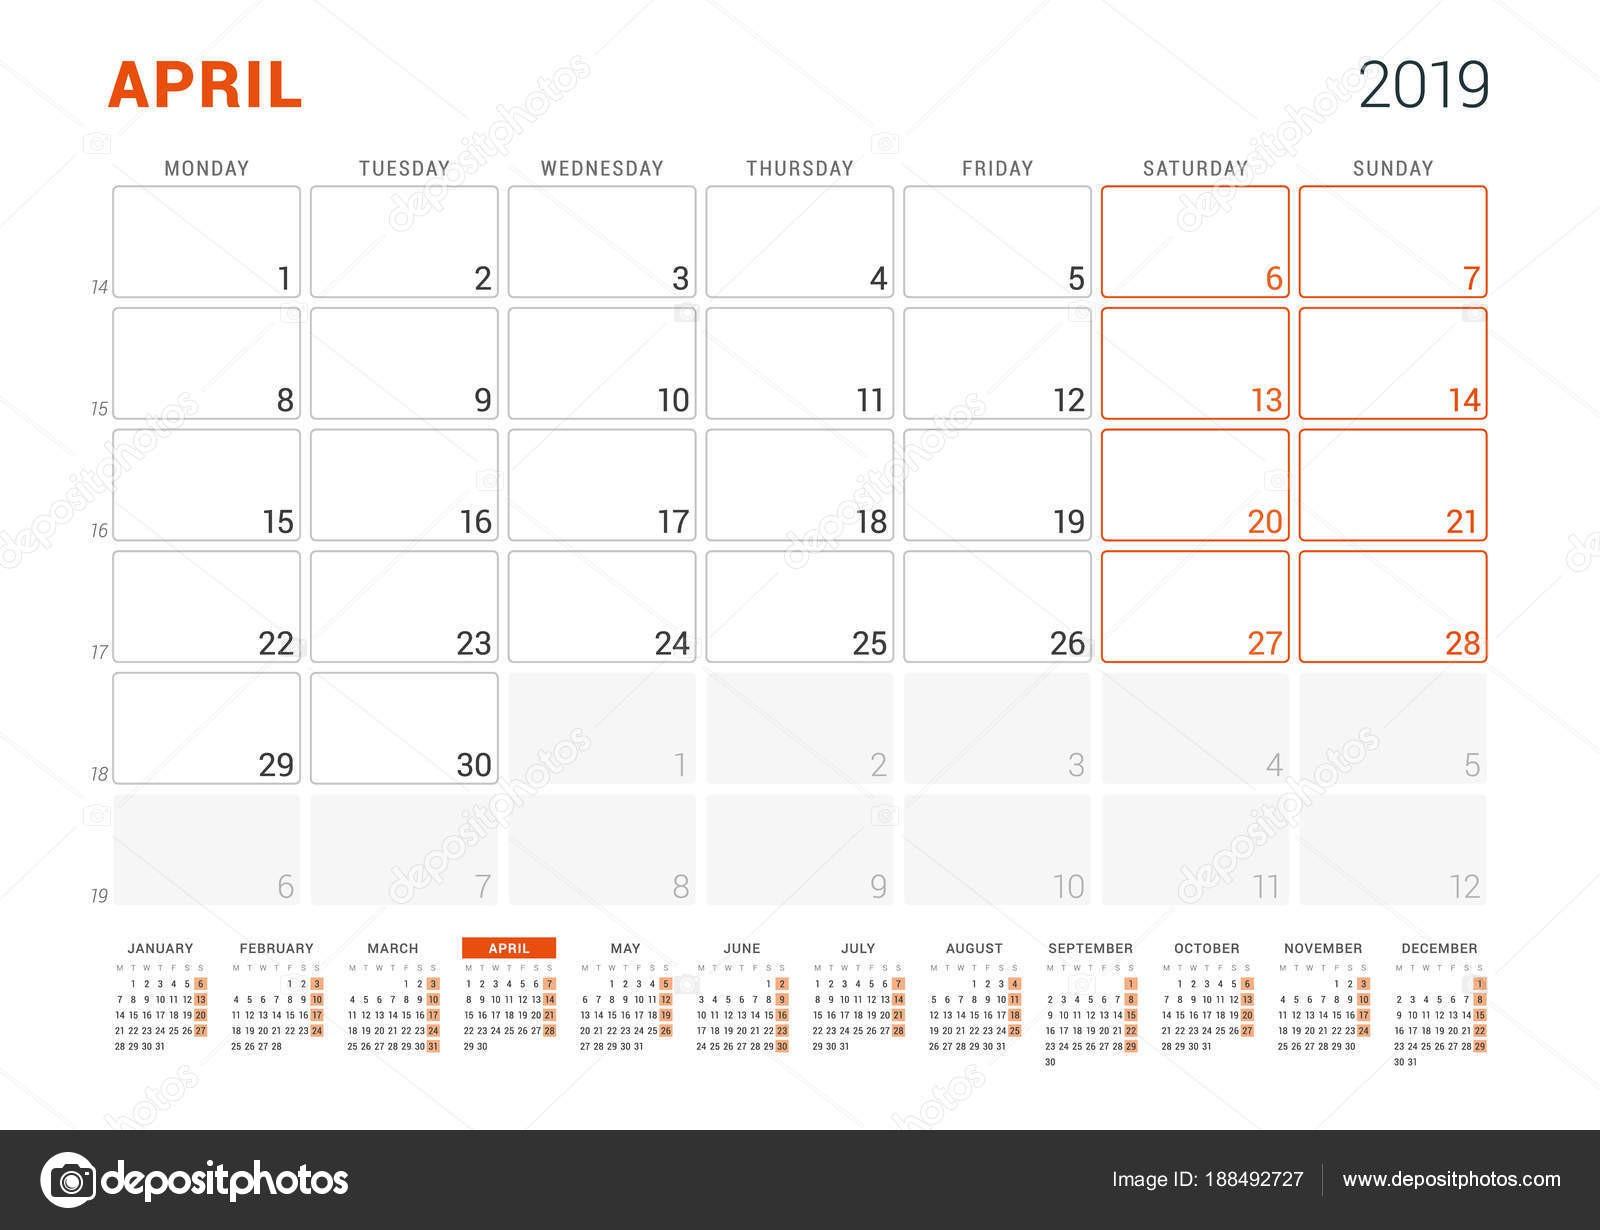 Kwietnia 2019 Planner kalendarz na rok 2019 Wektor szablon wydruku projektu Sarts tydzień w poniedziałek — Wektor od mikhailmorosin